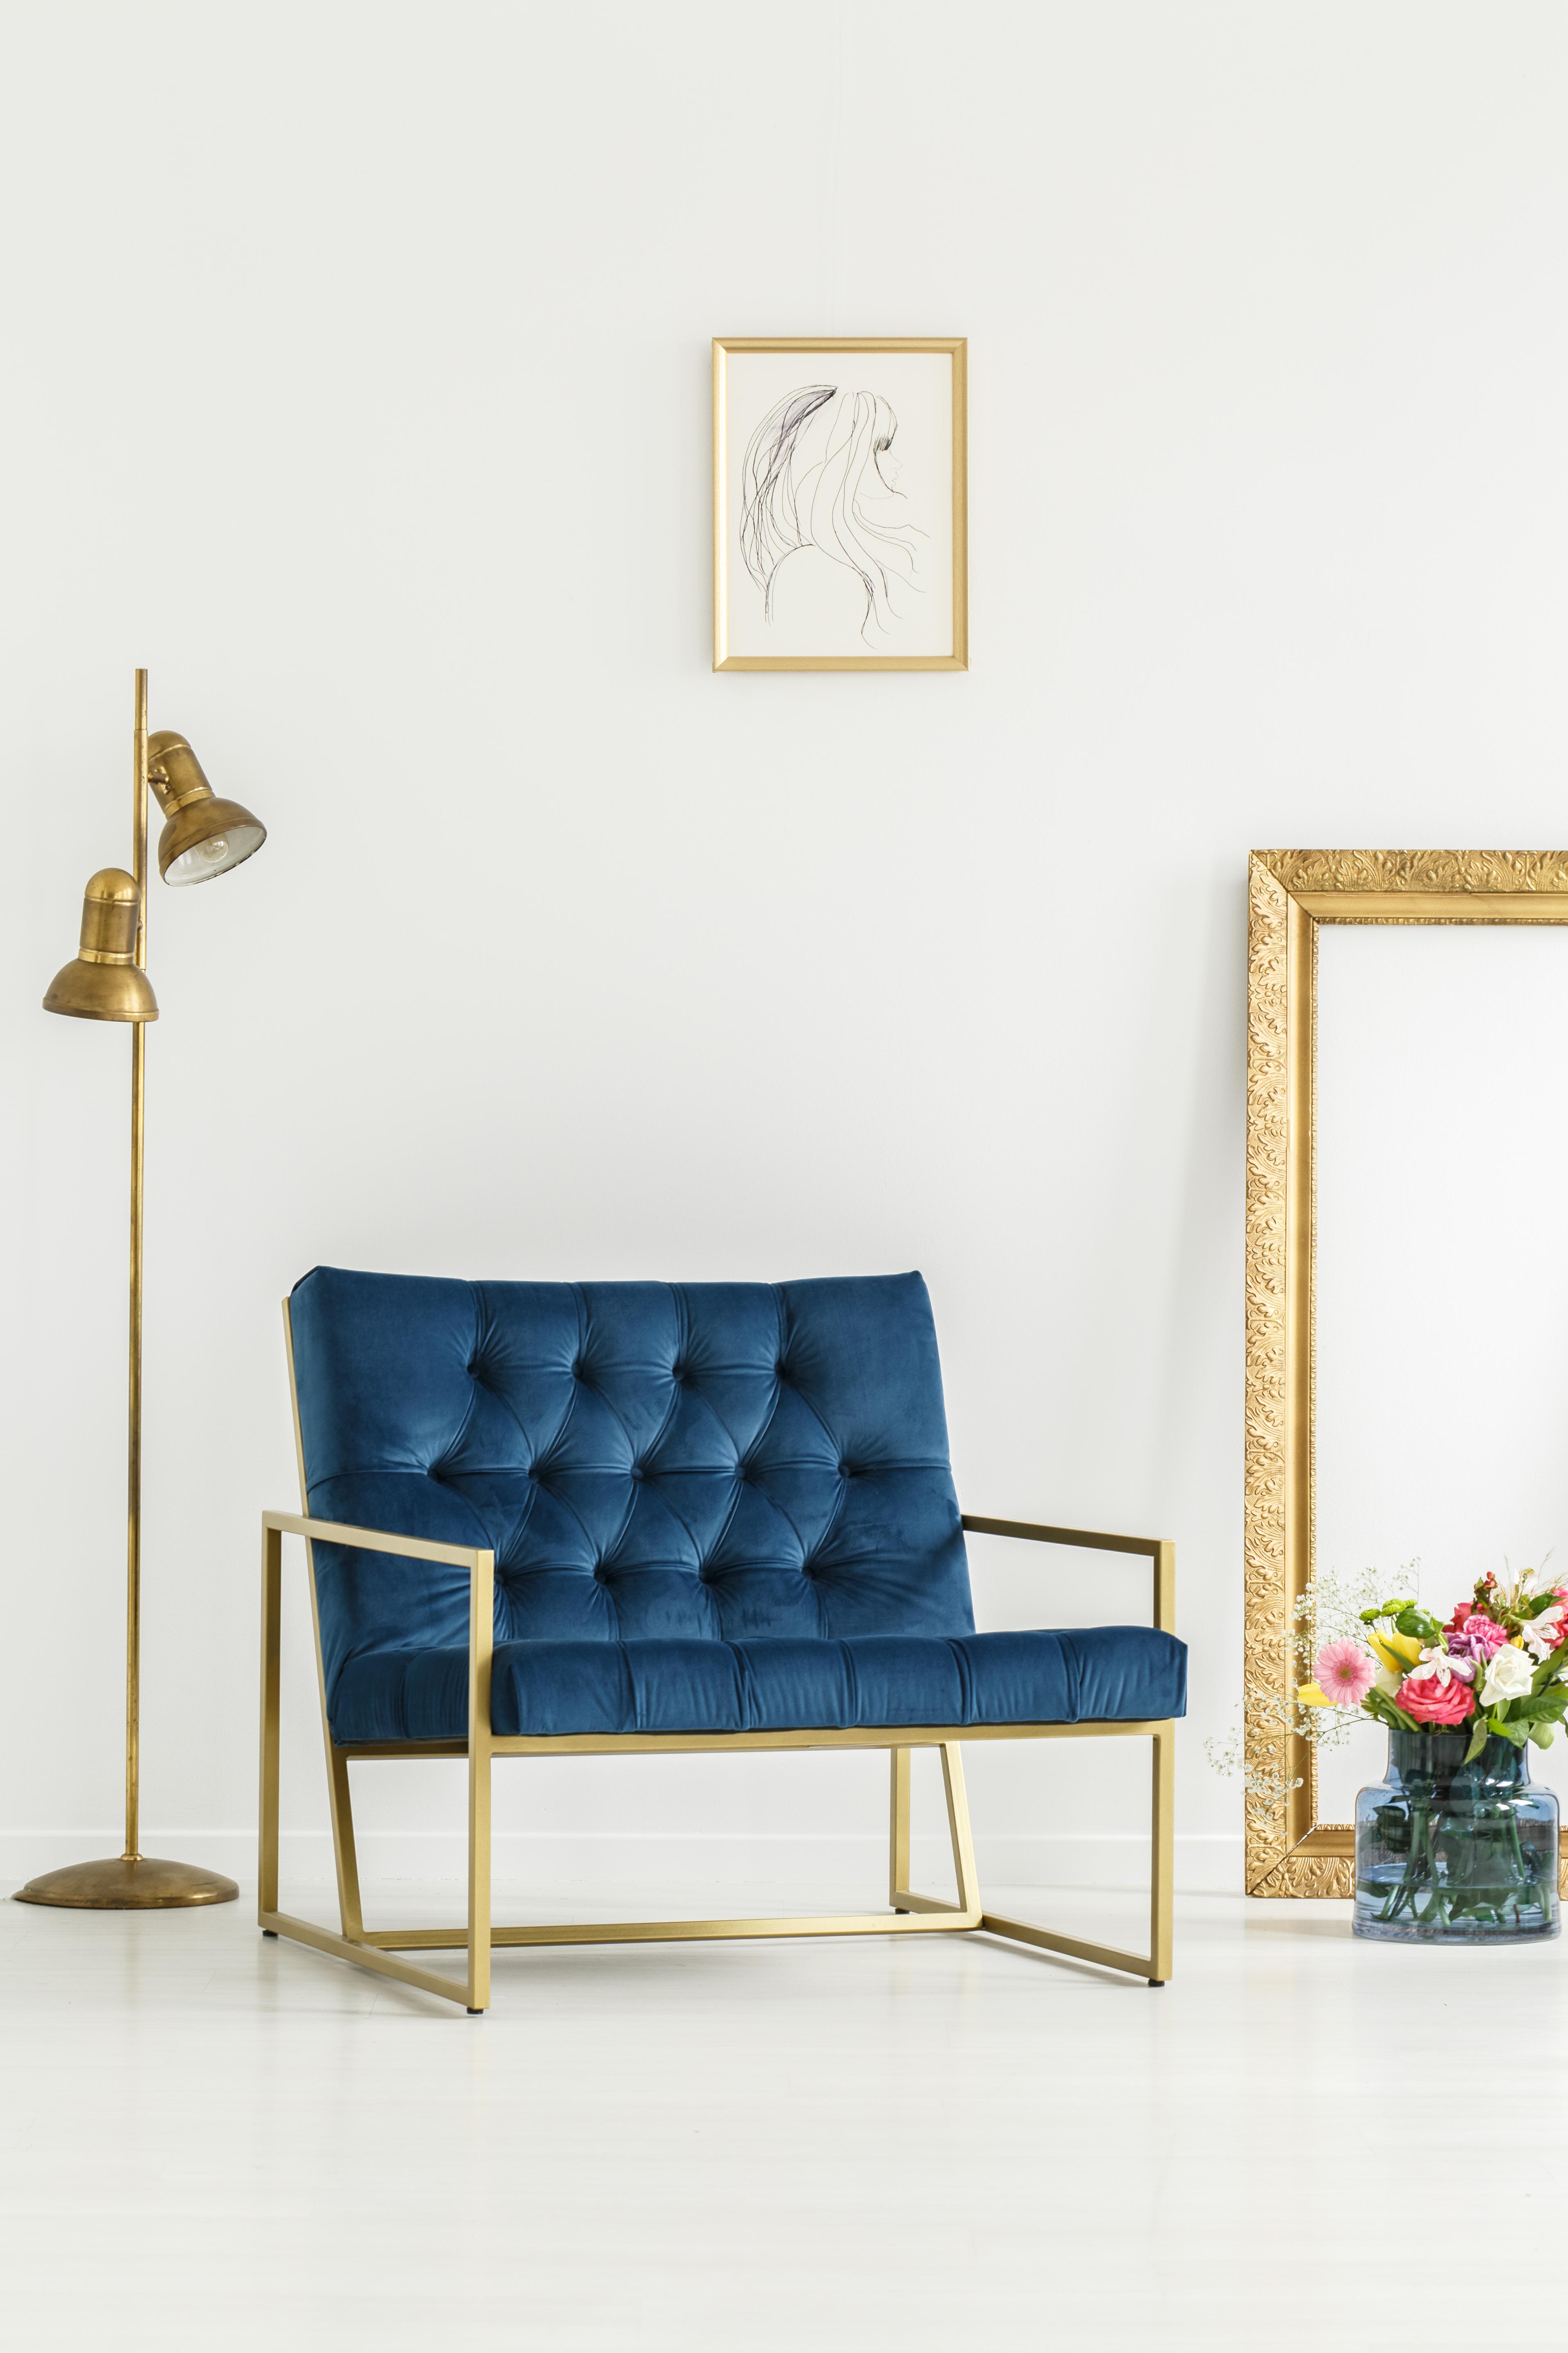 A luxurious, navy blue armchair